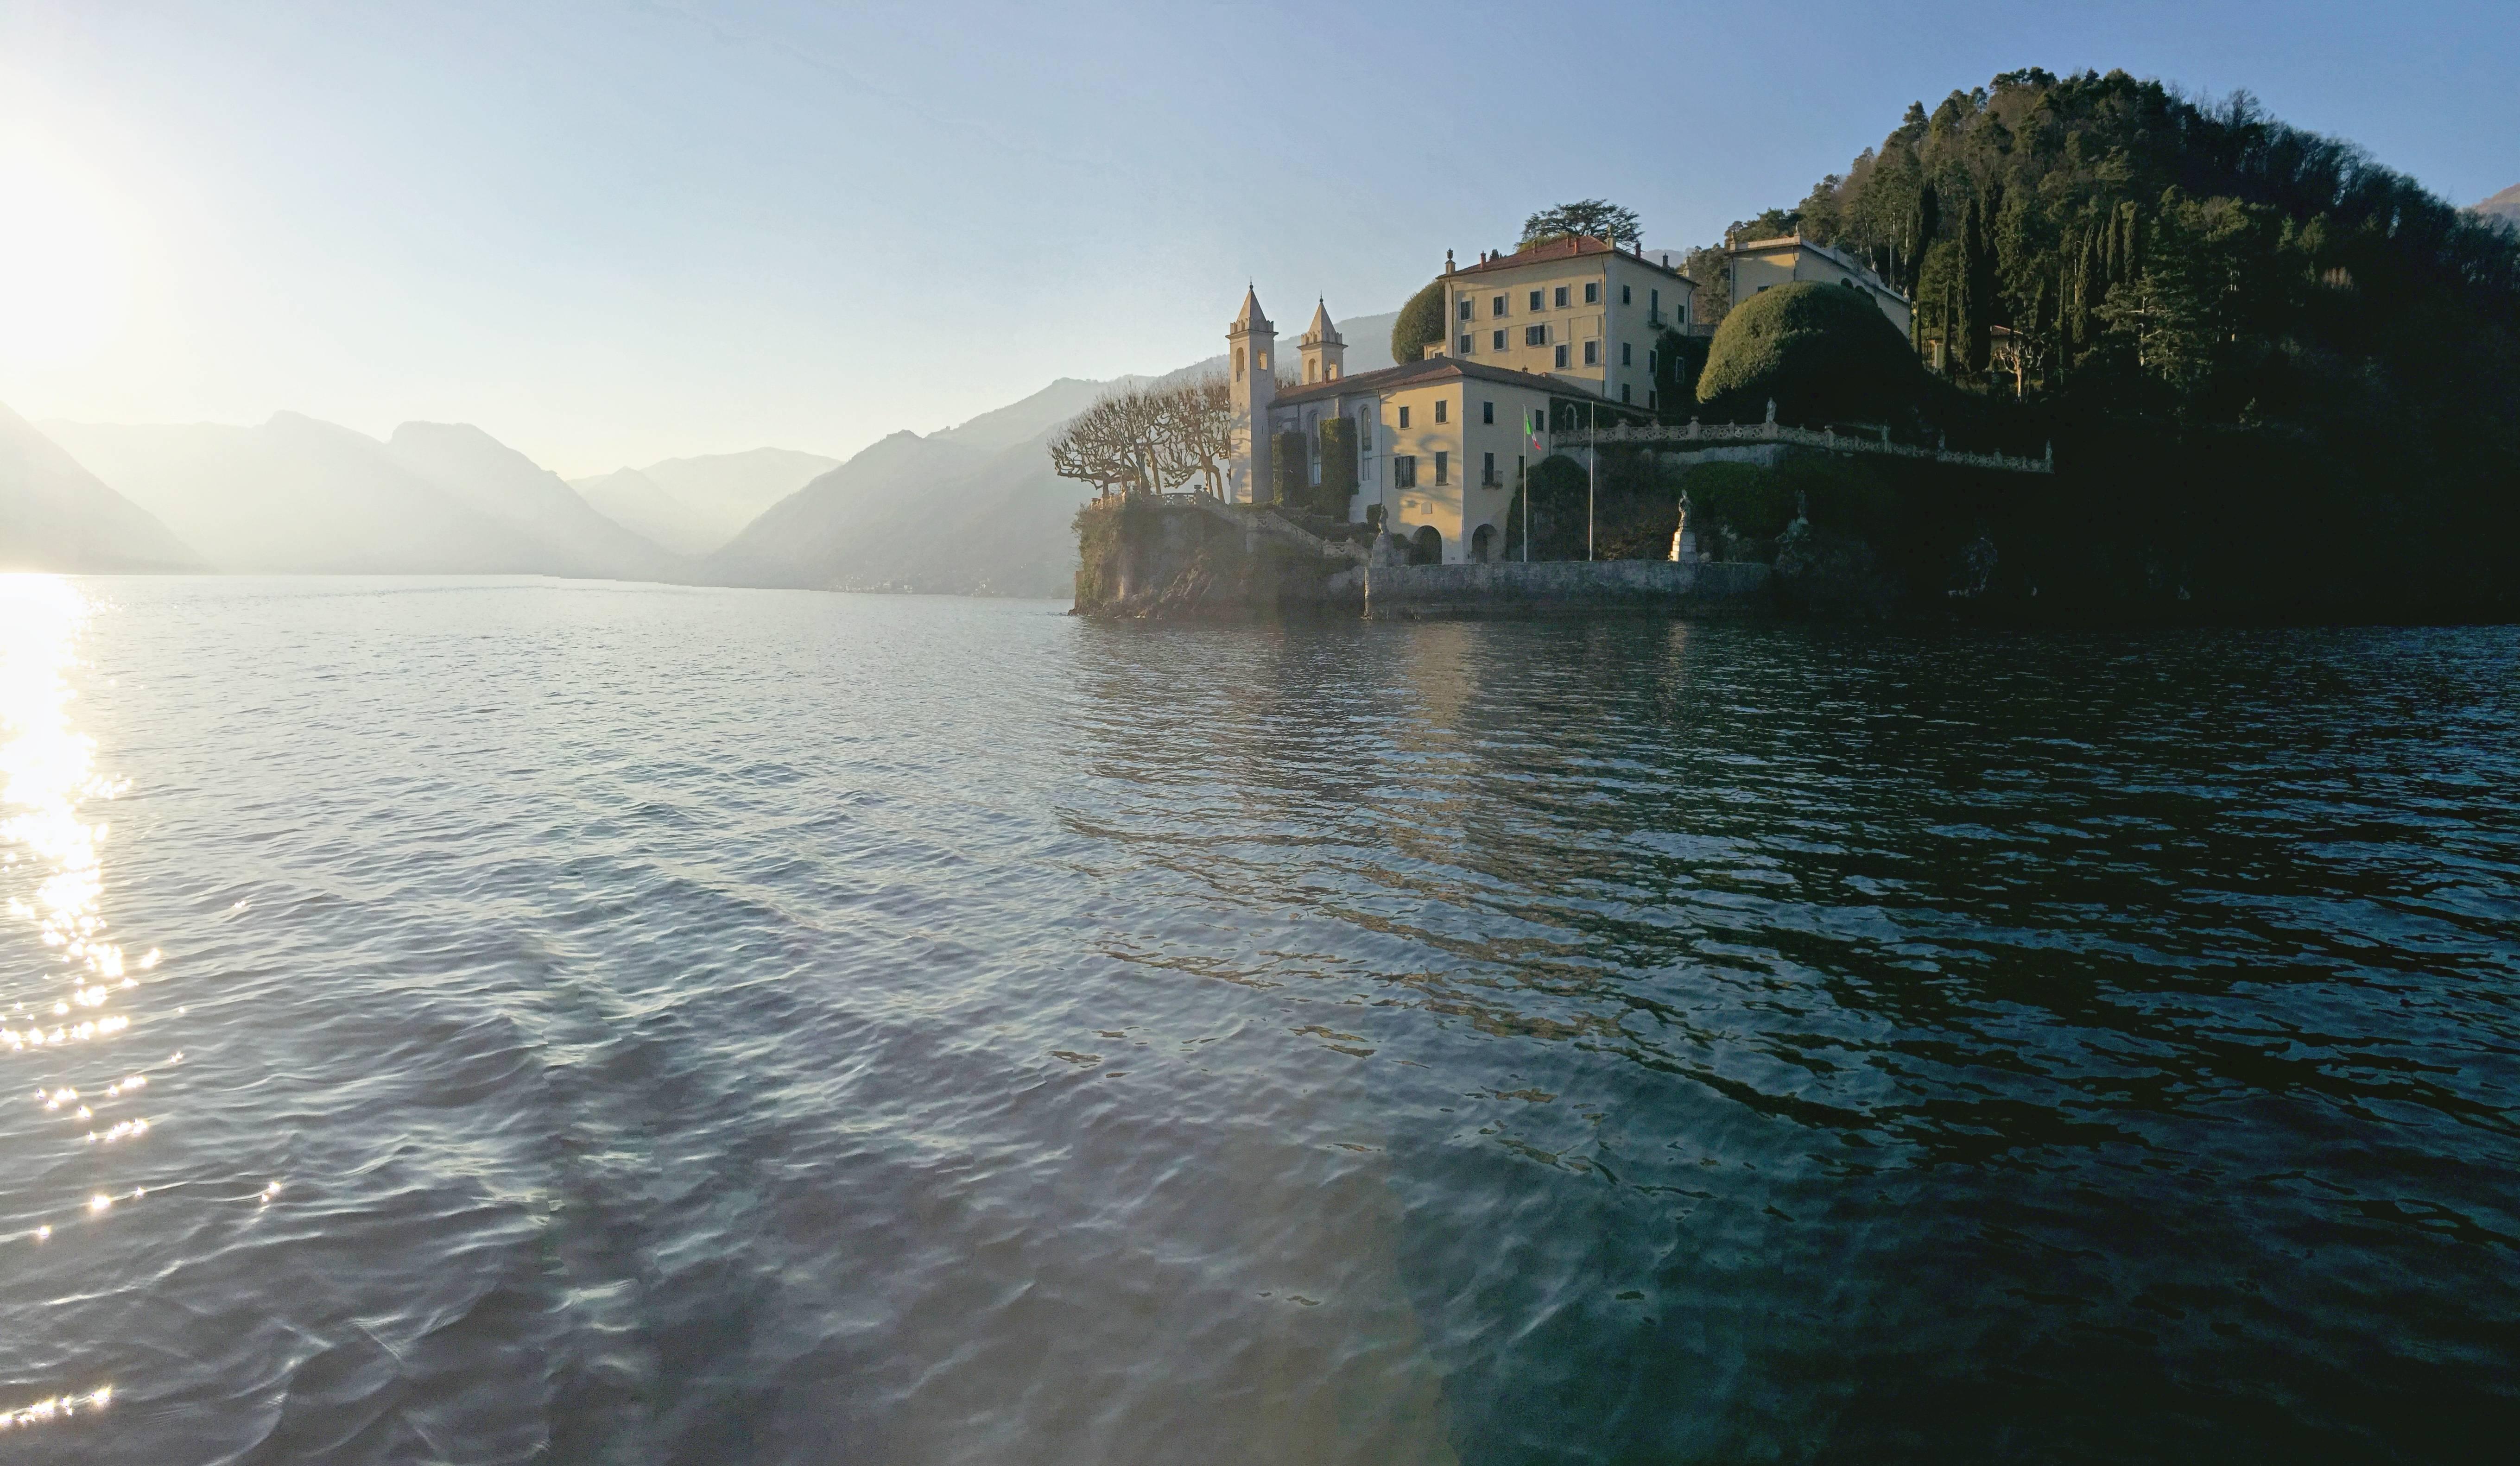 Photo 1: Balade en bateau sur le lac de Côme (oui oui, on a conduit!)